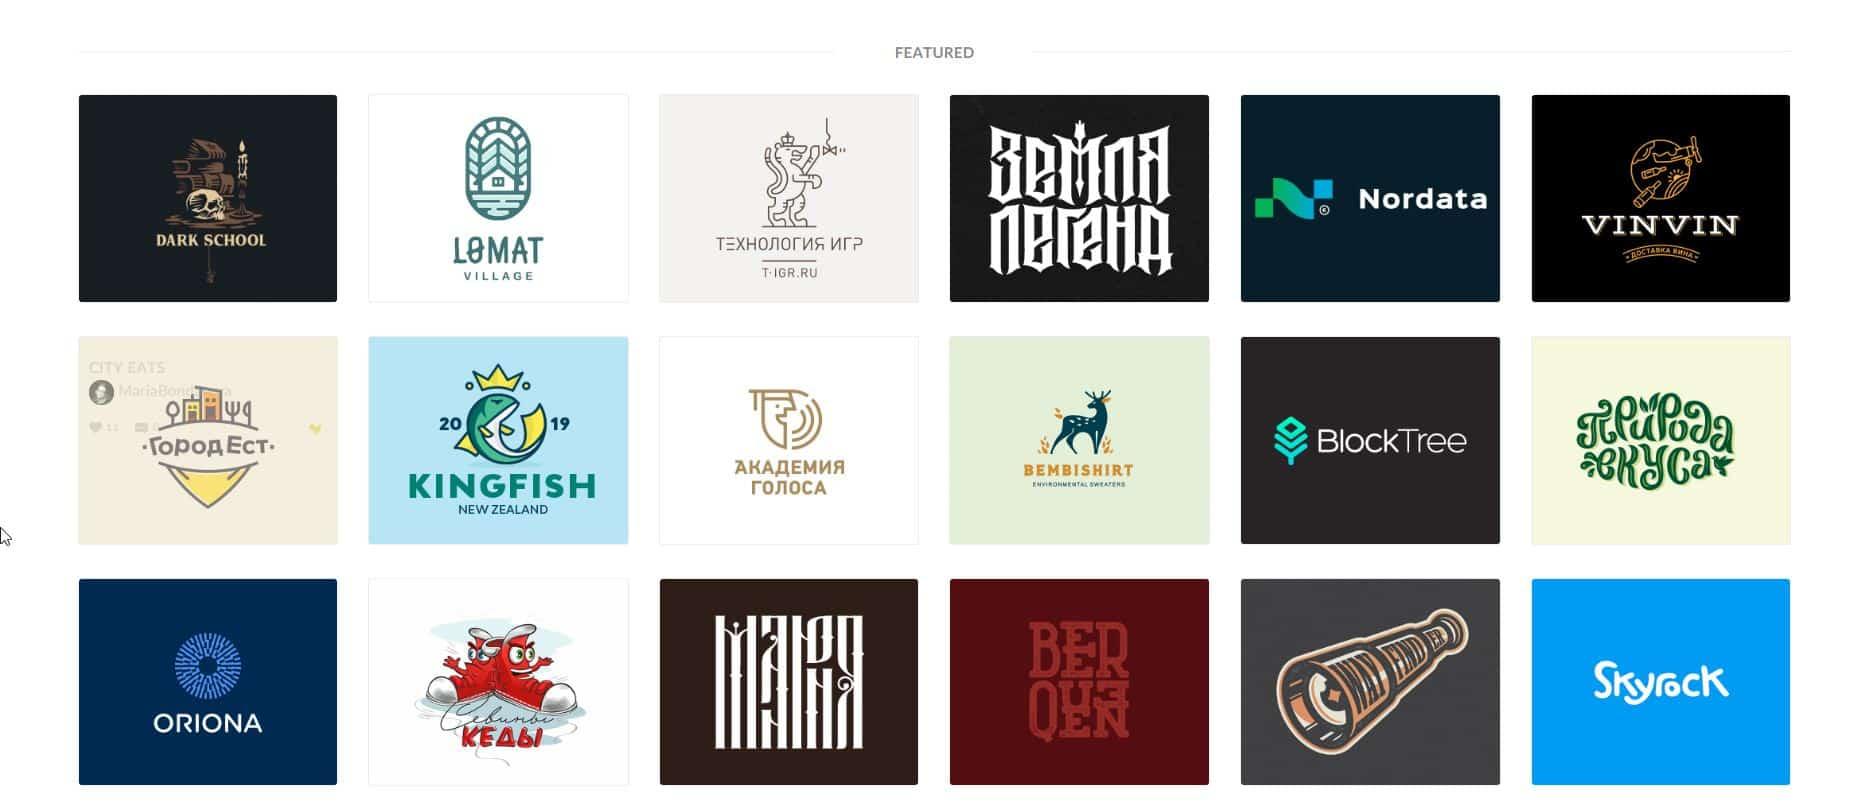 3-Logo-Design-Trends-for-2020-image3